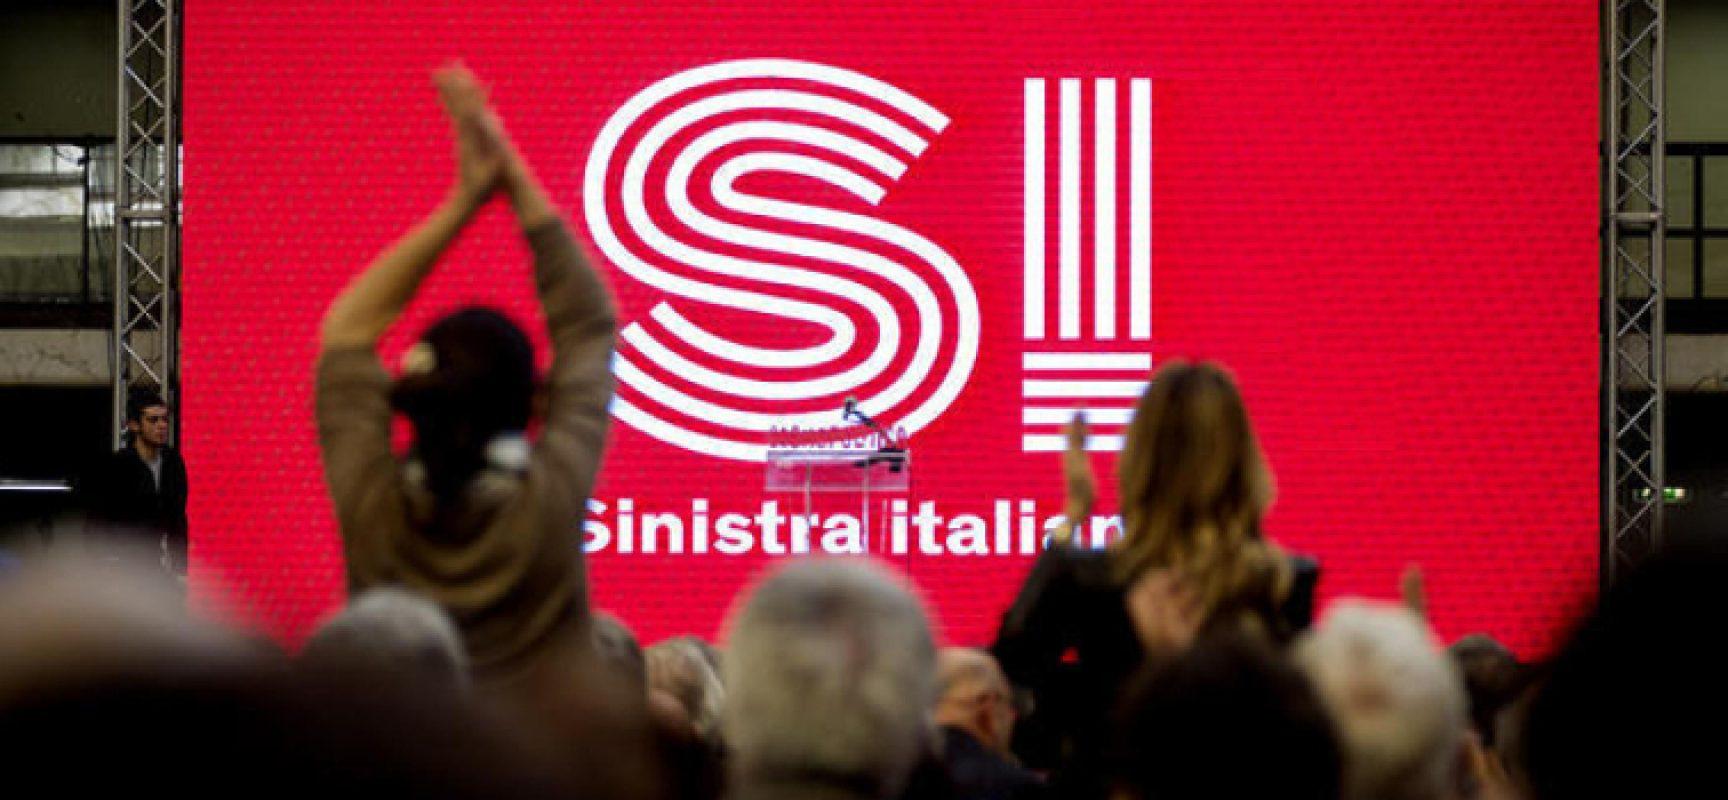 Risultati immagini per sinistra italiana